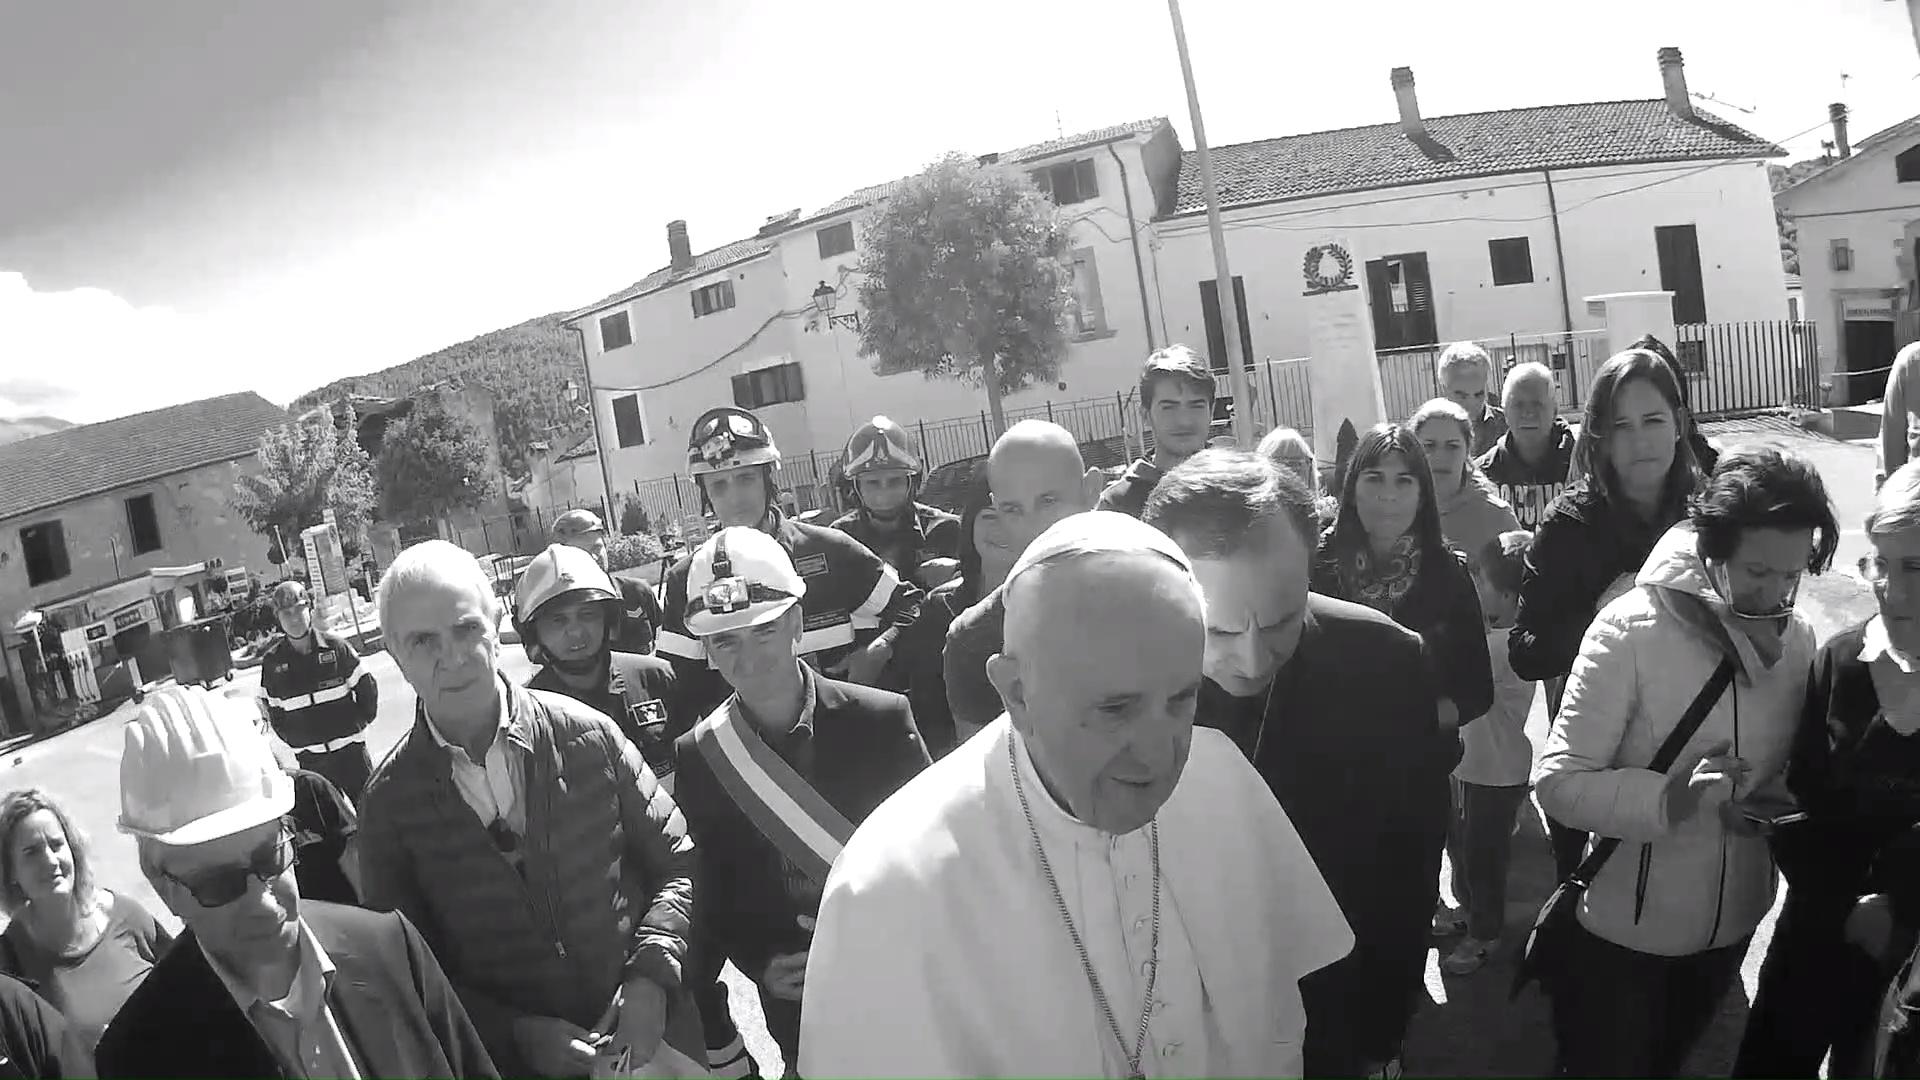 Visita di Papa Bergoglio in Piazza S. Francesco ad Accumoli